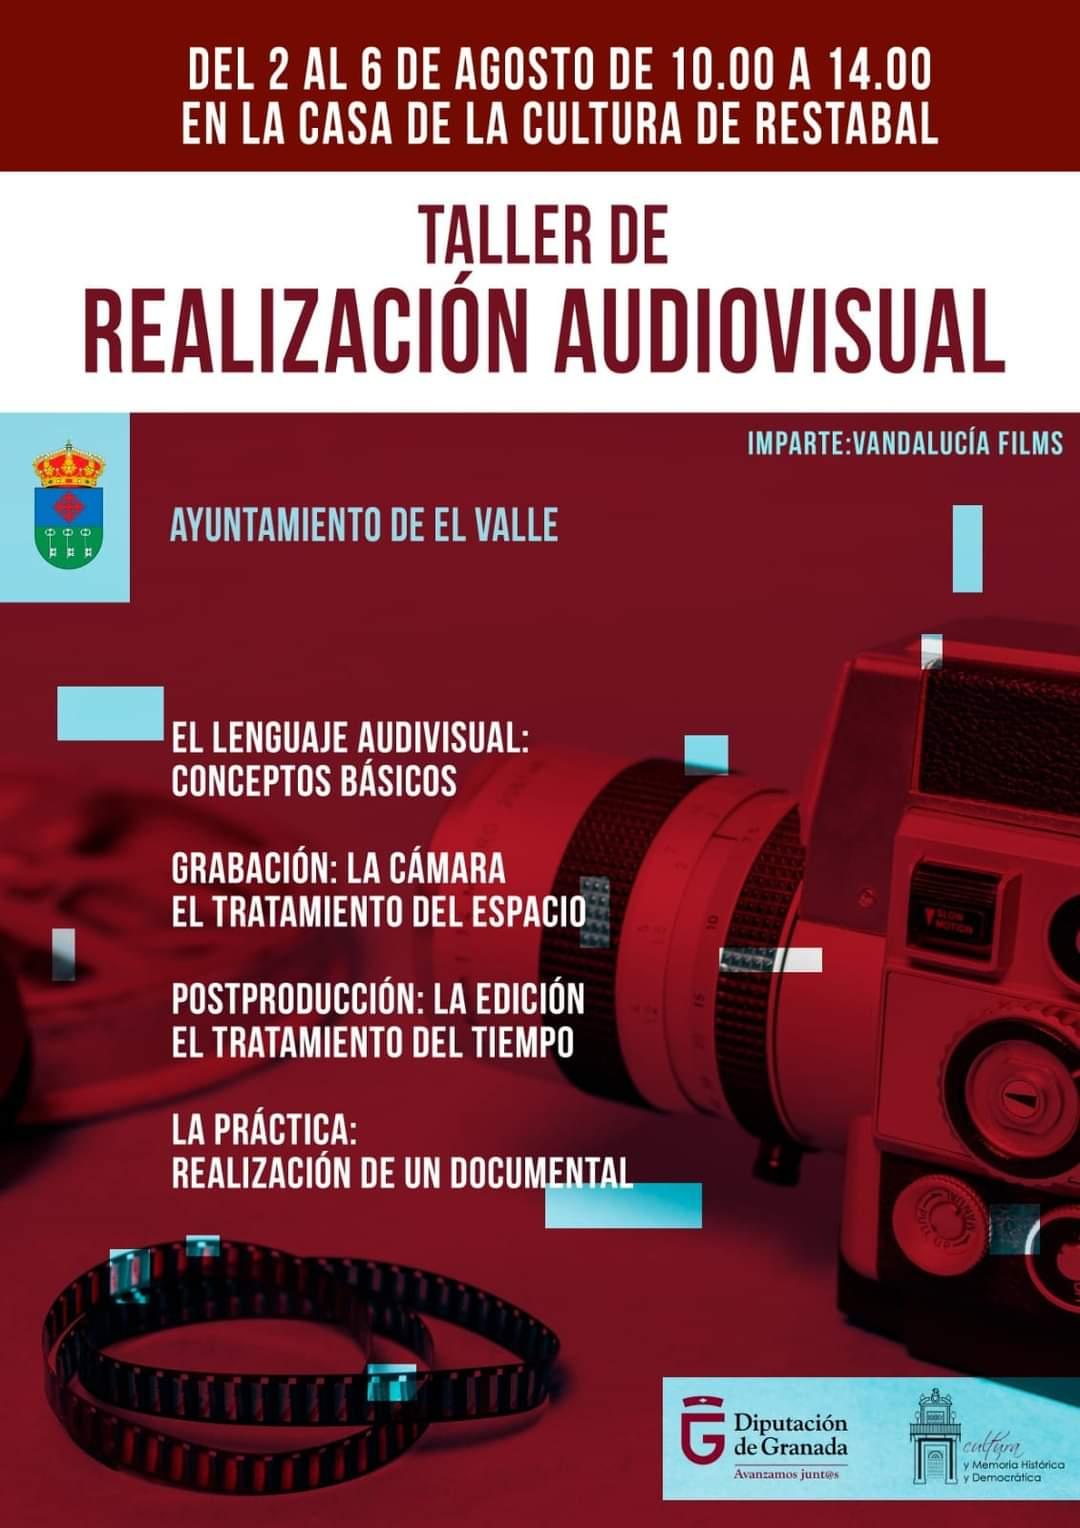 TALLER DE REALIZACIÓN AUDIOVISUAL